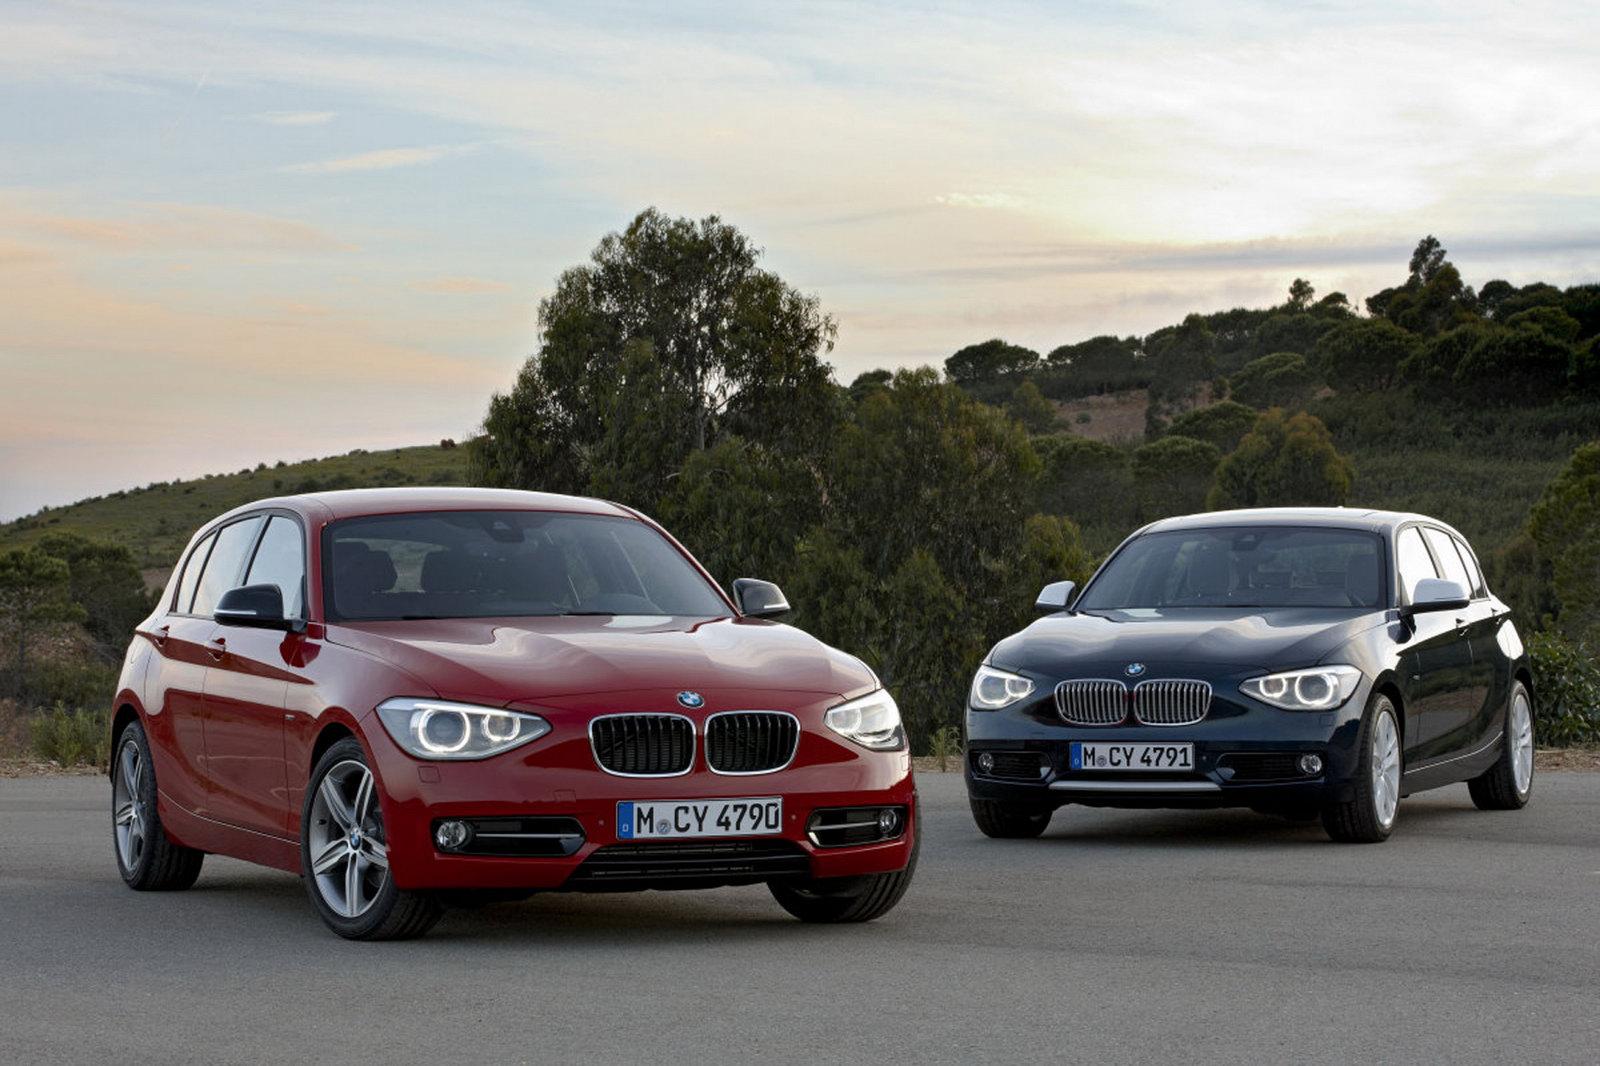 De ce se fereste multa lume de autoturismele BMW